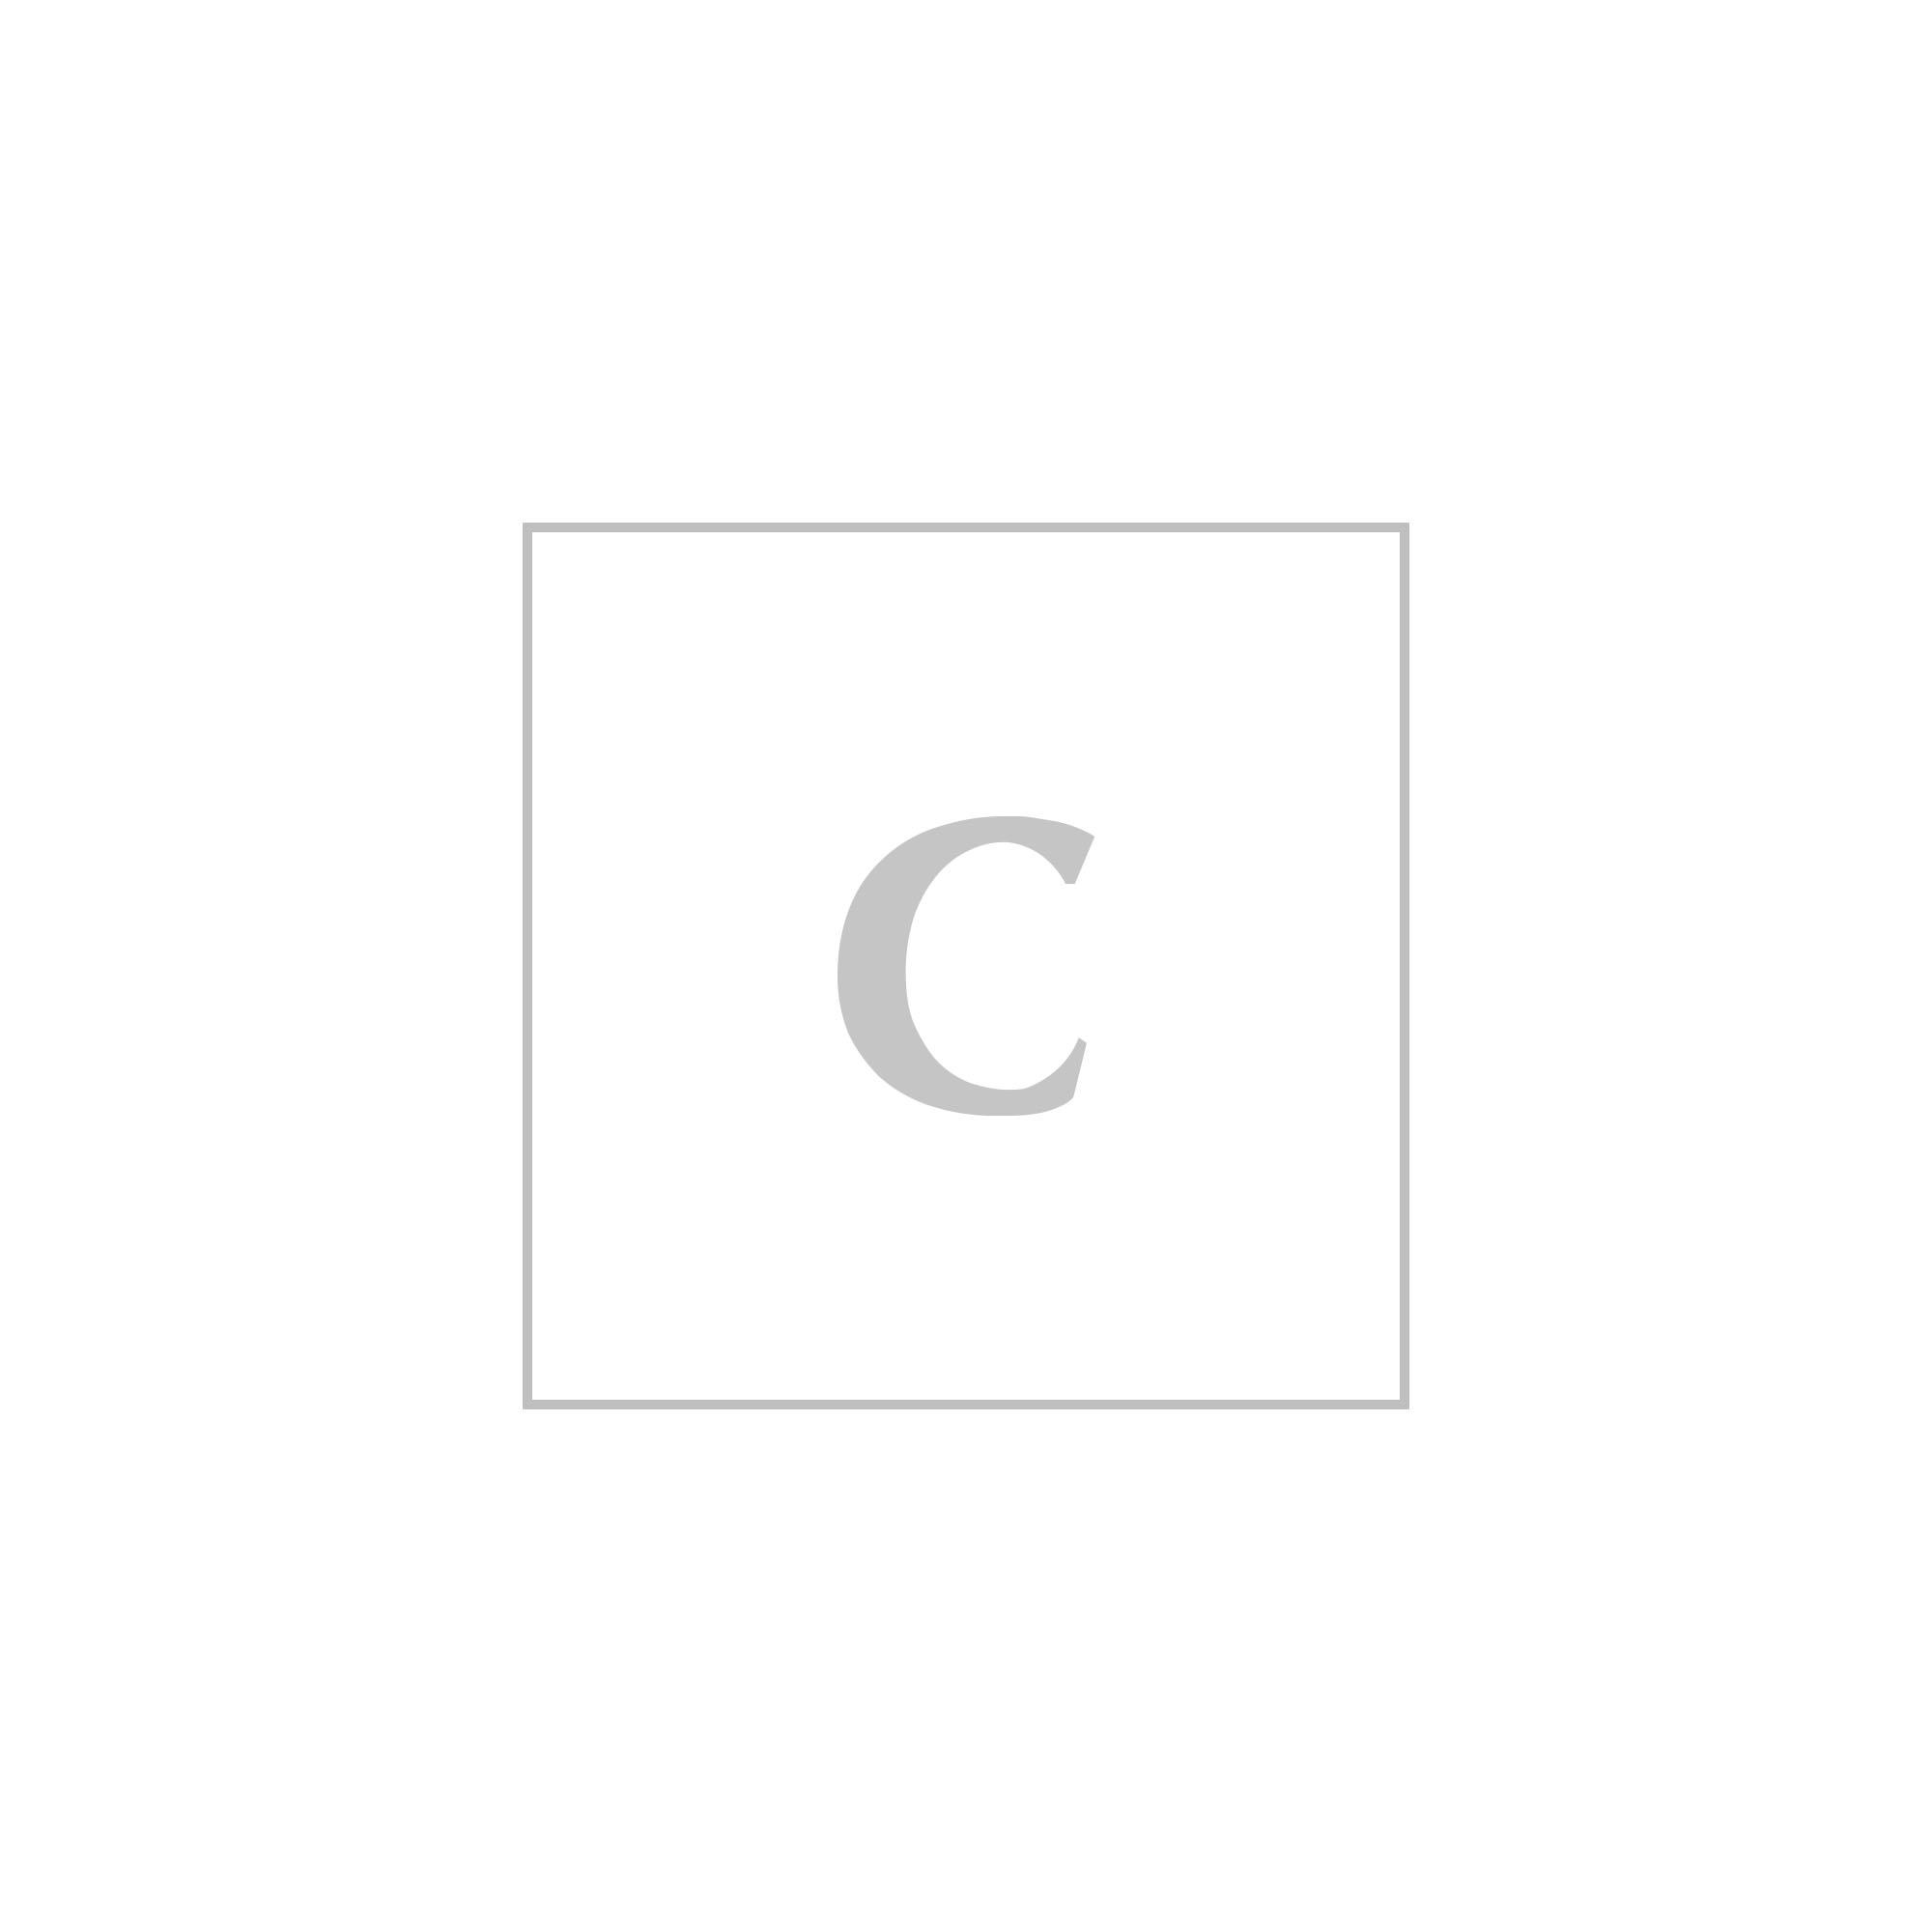 Nuova Collezione Michael Kors Donna  dc80e1c9103